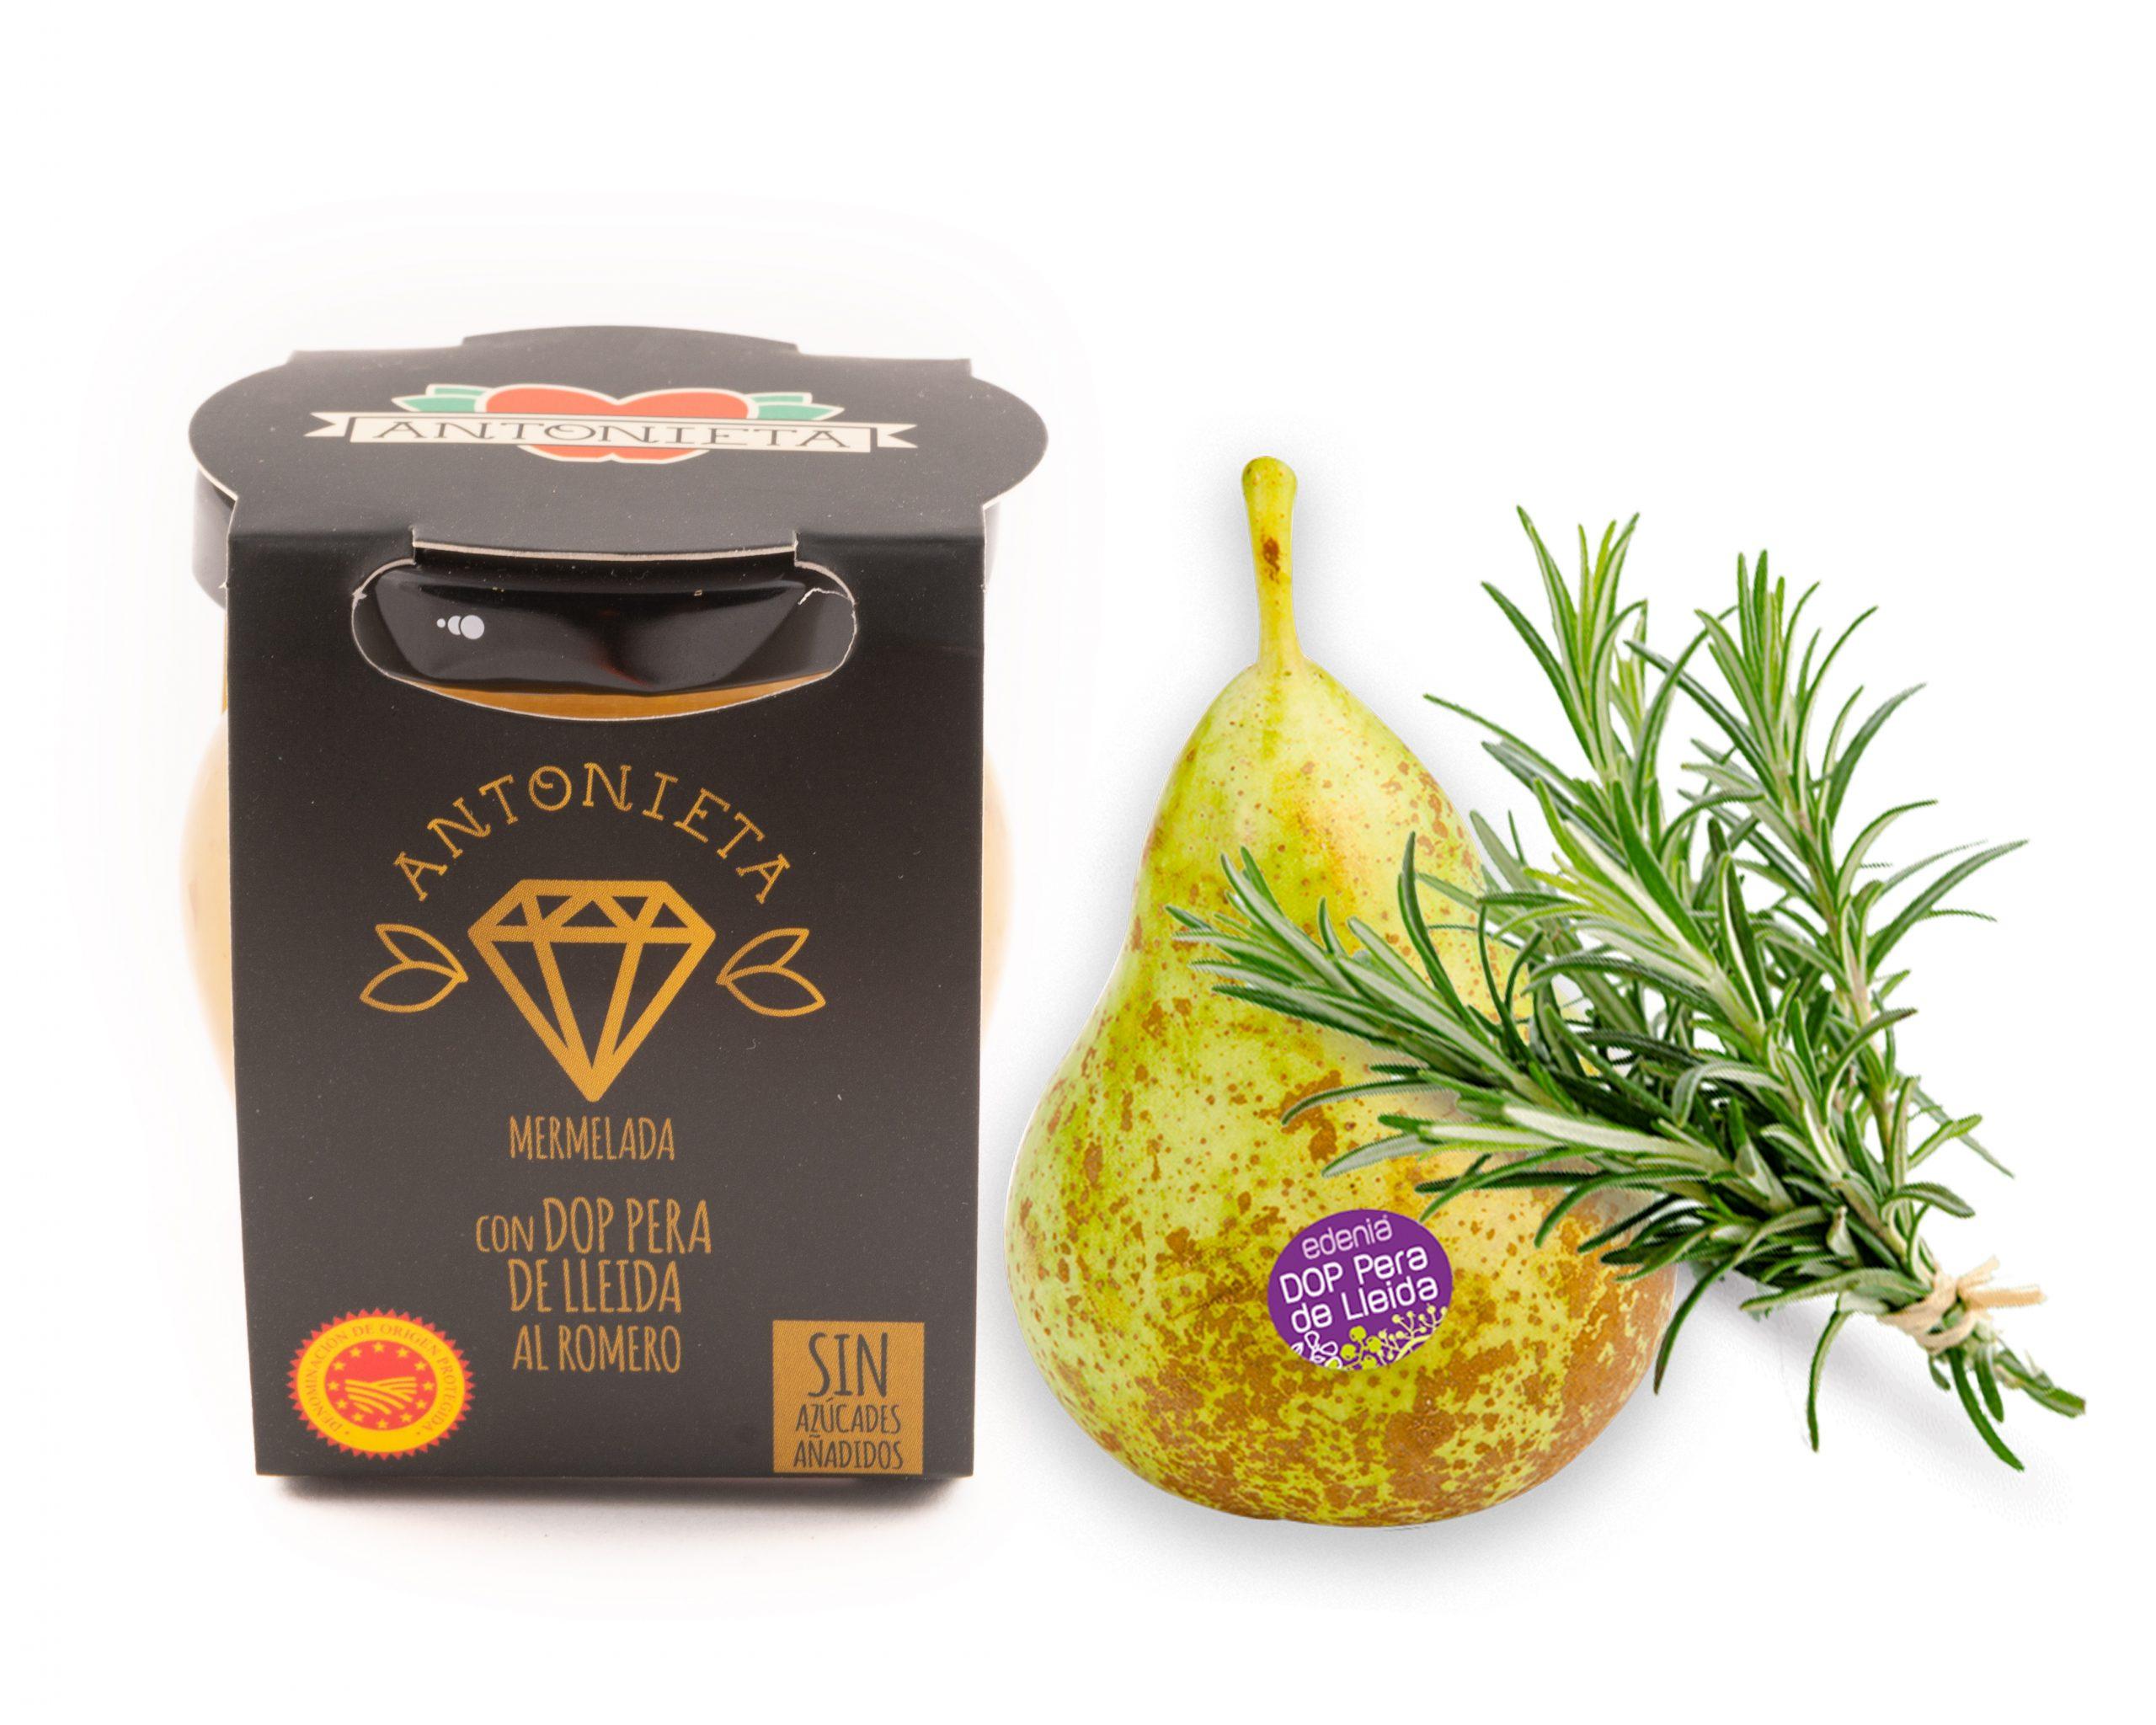 Melmelada de pera de la D.O de Lleida amb romaní de la marca Antonieta Fruits